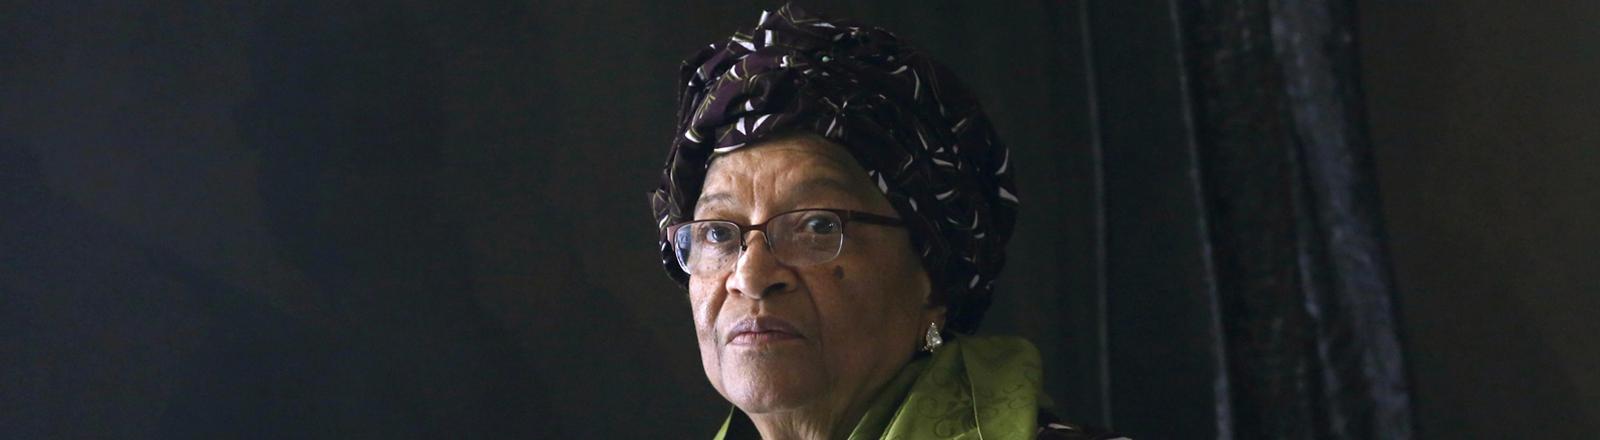 Die scheidende Präsidentin von Liberia Ellen Johnson-Sirleaf